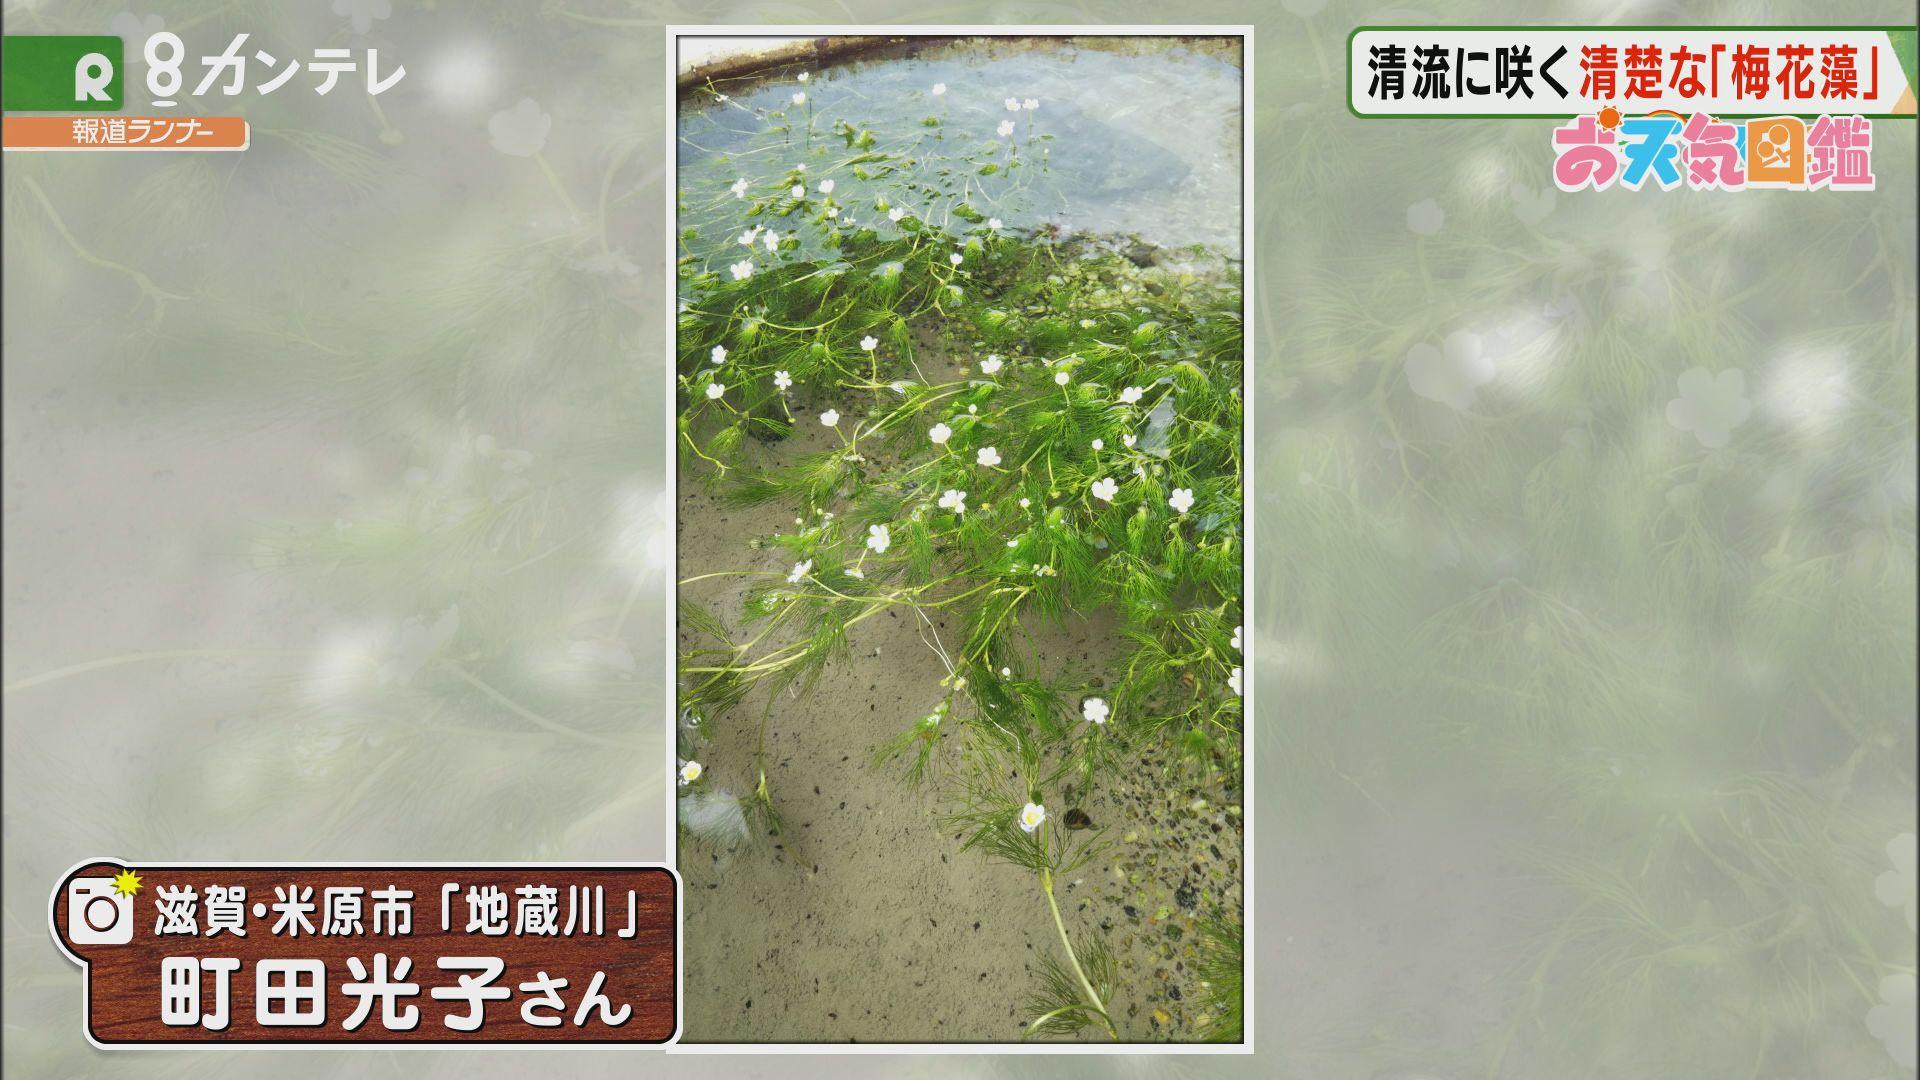 「清流に咲く梅花藻」(滋賀・米原市)